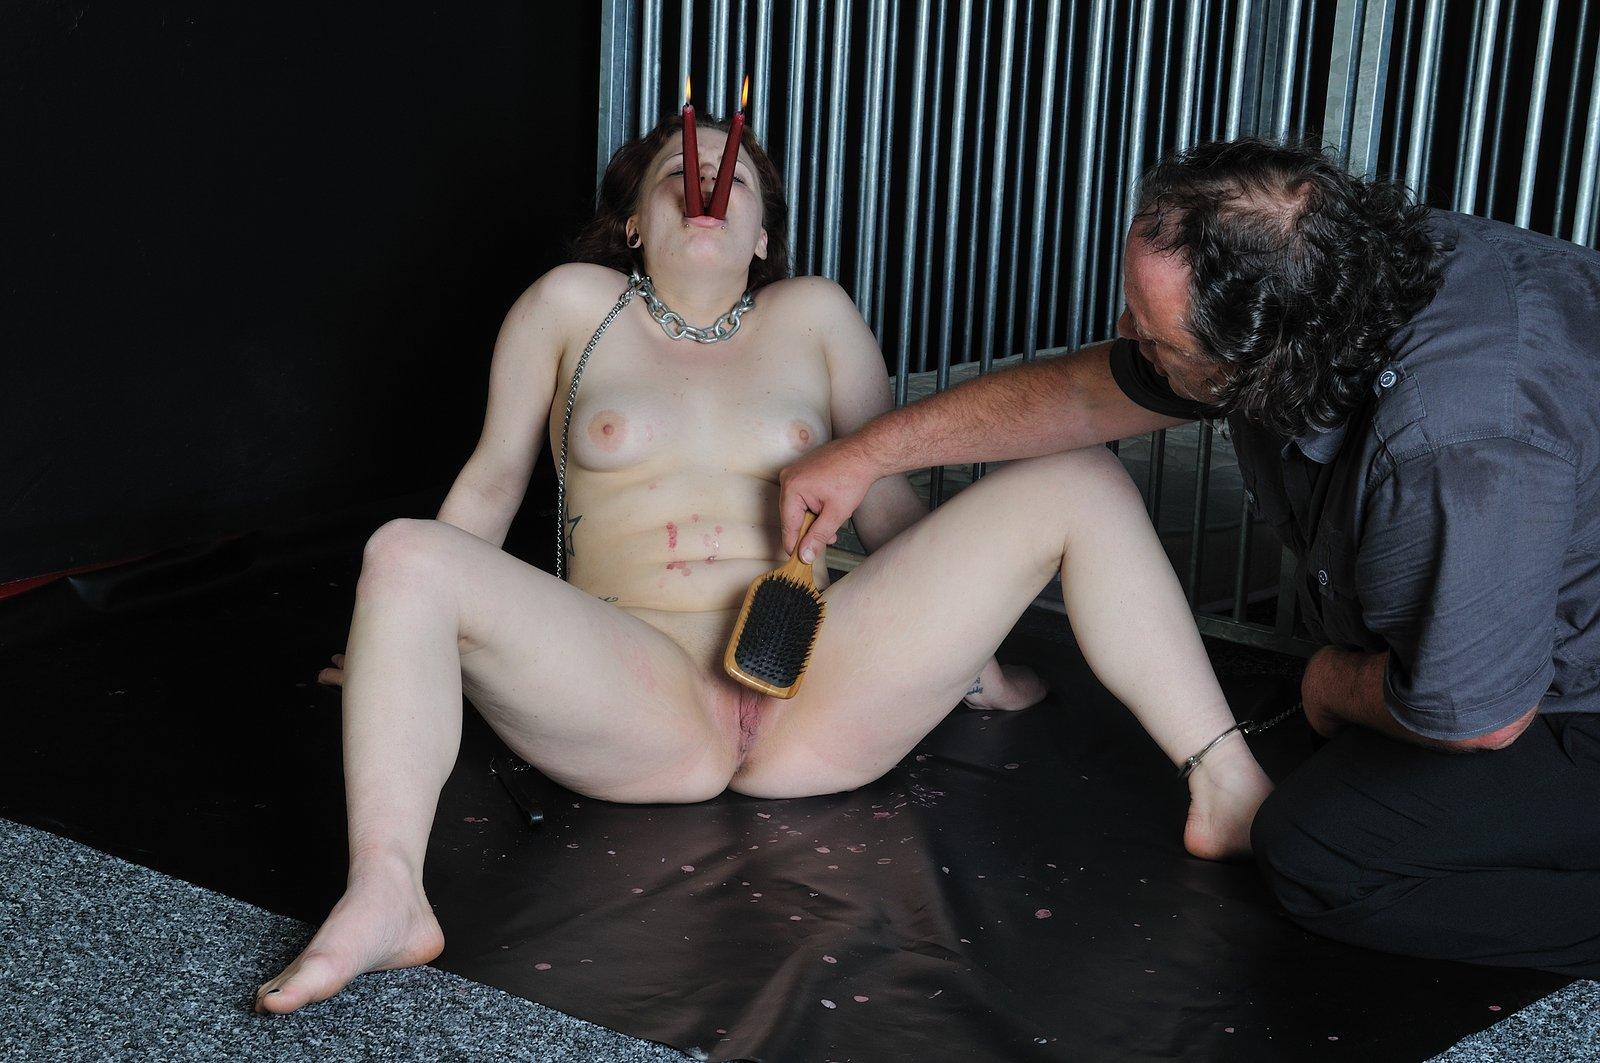 желательно практиковать очень страшно порно фото нахожусь грани нервного